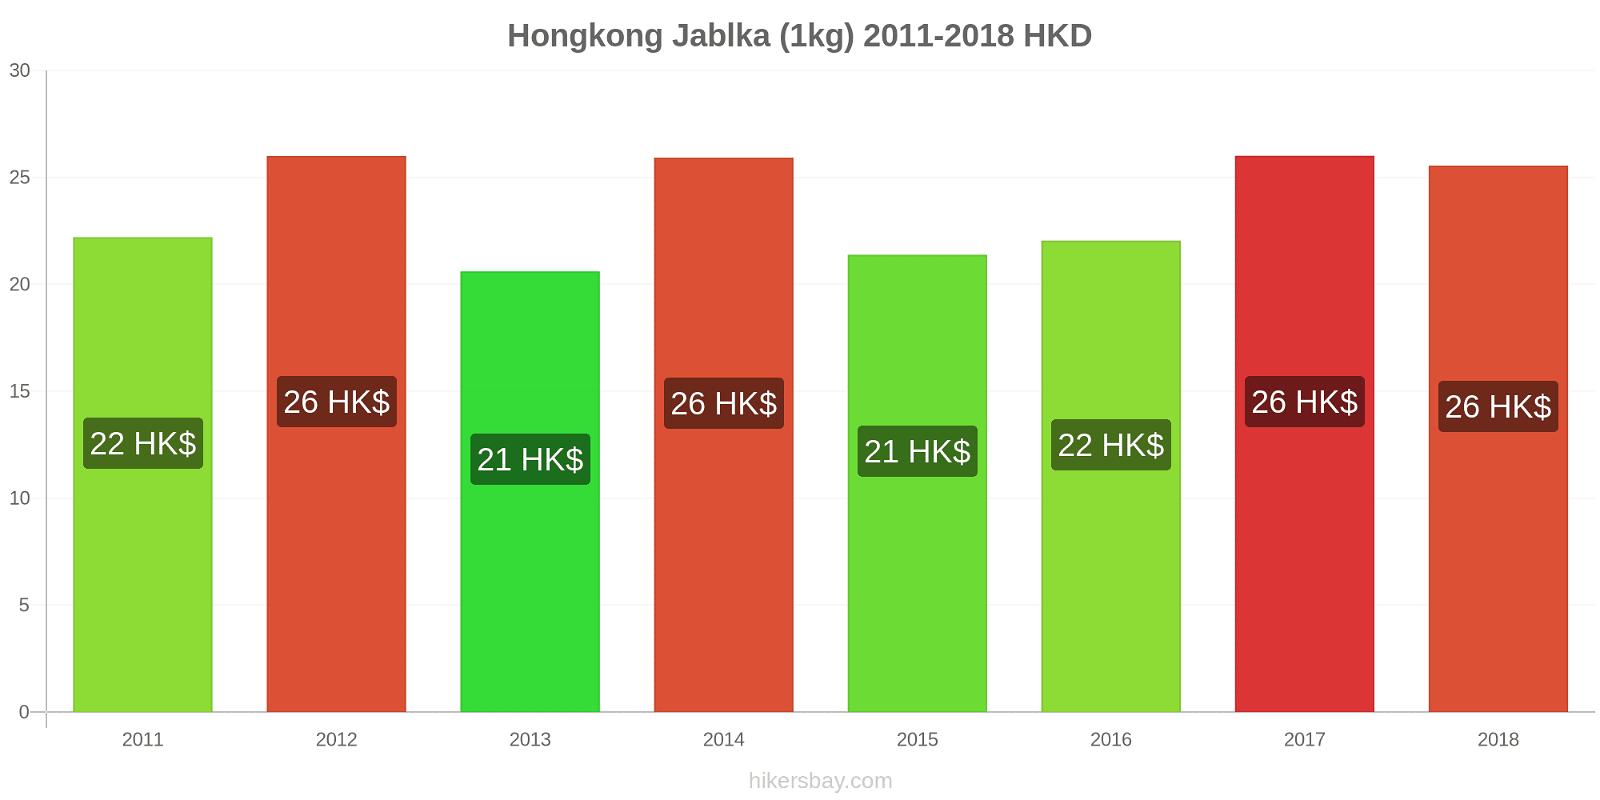 Hongkong změny cen Jablka (1kg) hikersbay.com